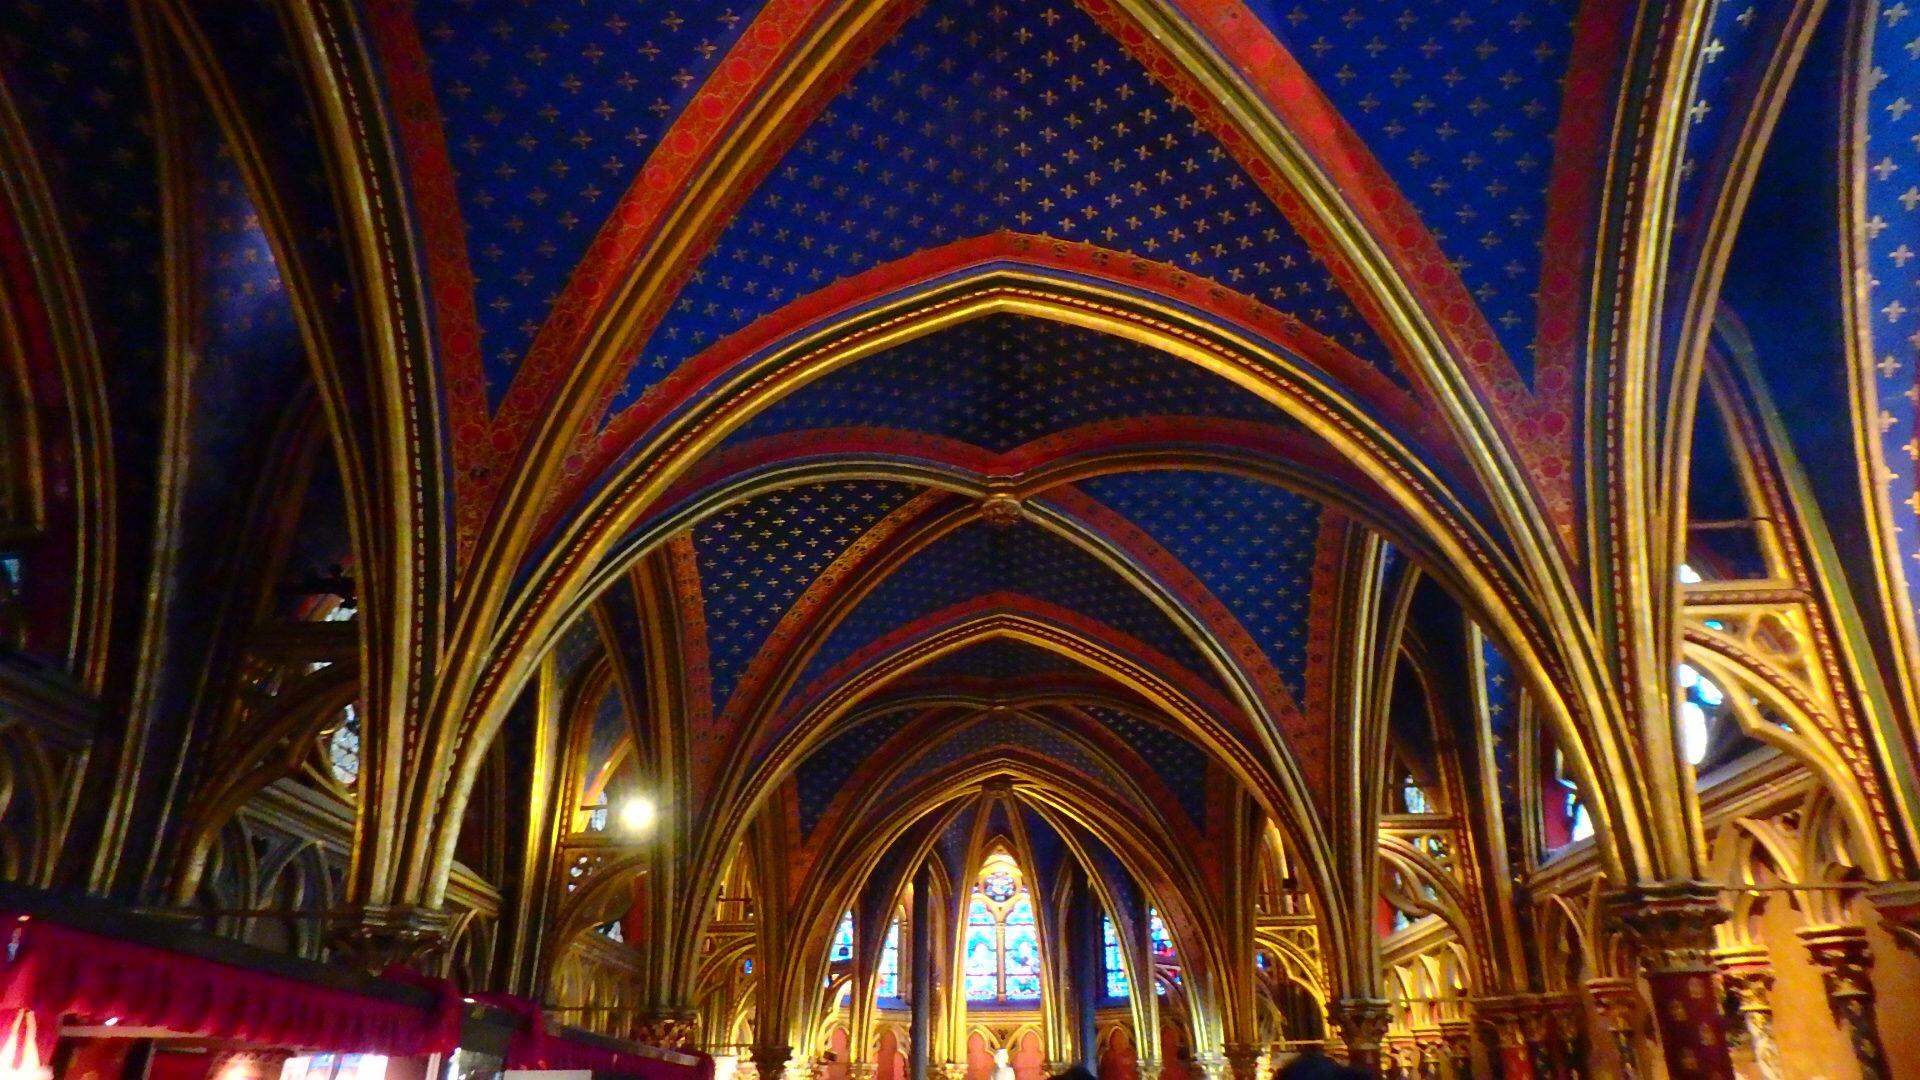 サント・シャペル教会(Sainte Chapelle)ゴシック様式の天井